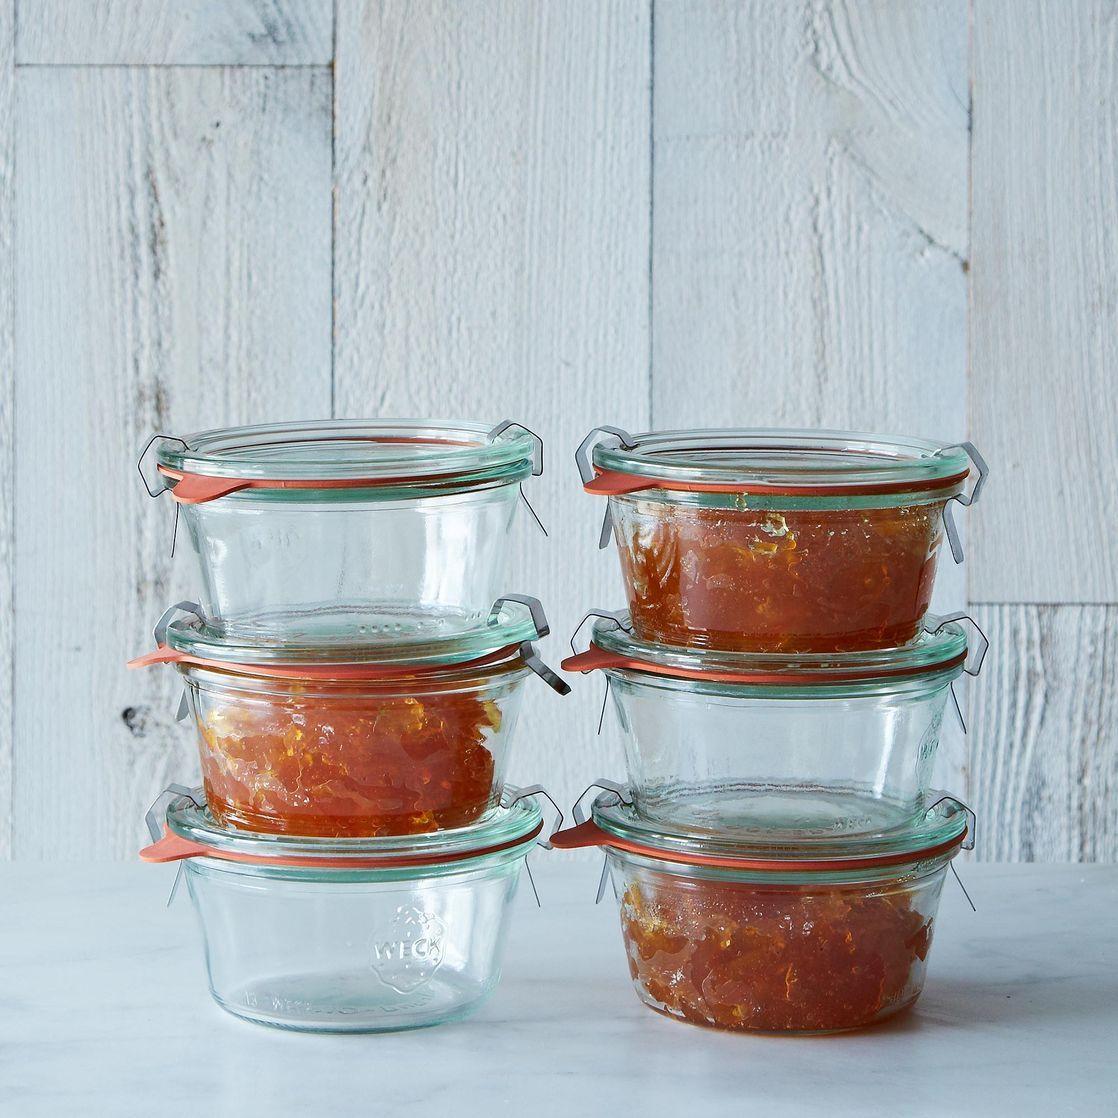 Weck Mold Jars (Set of 6) | Kitchens